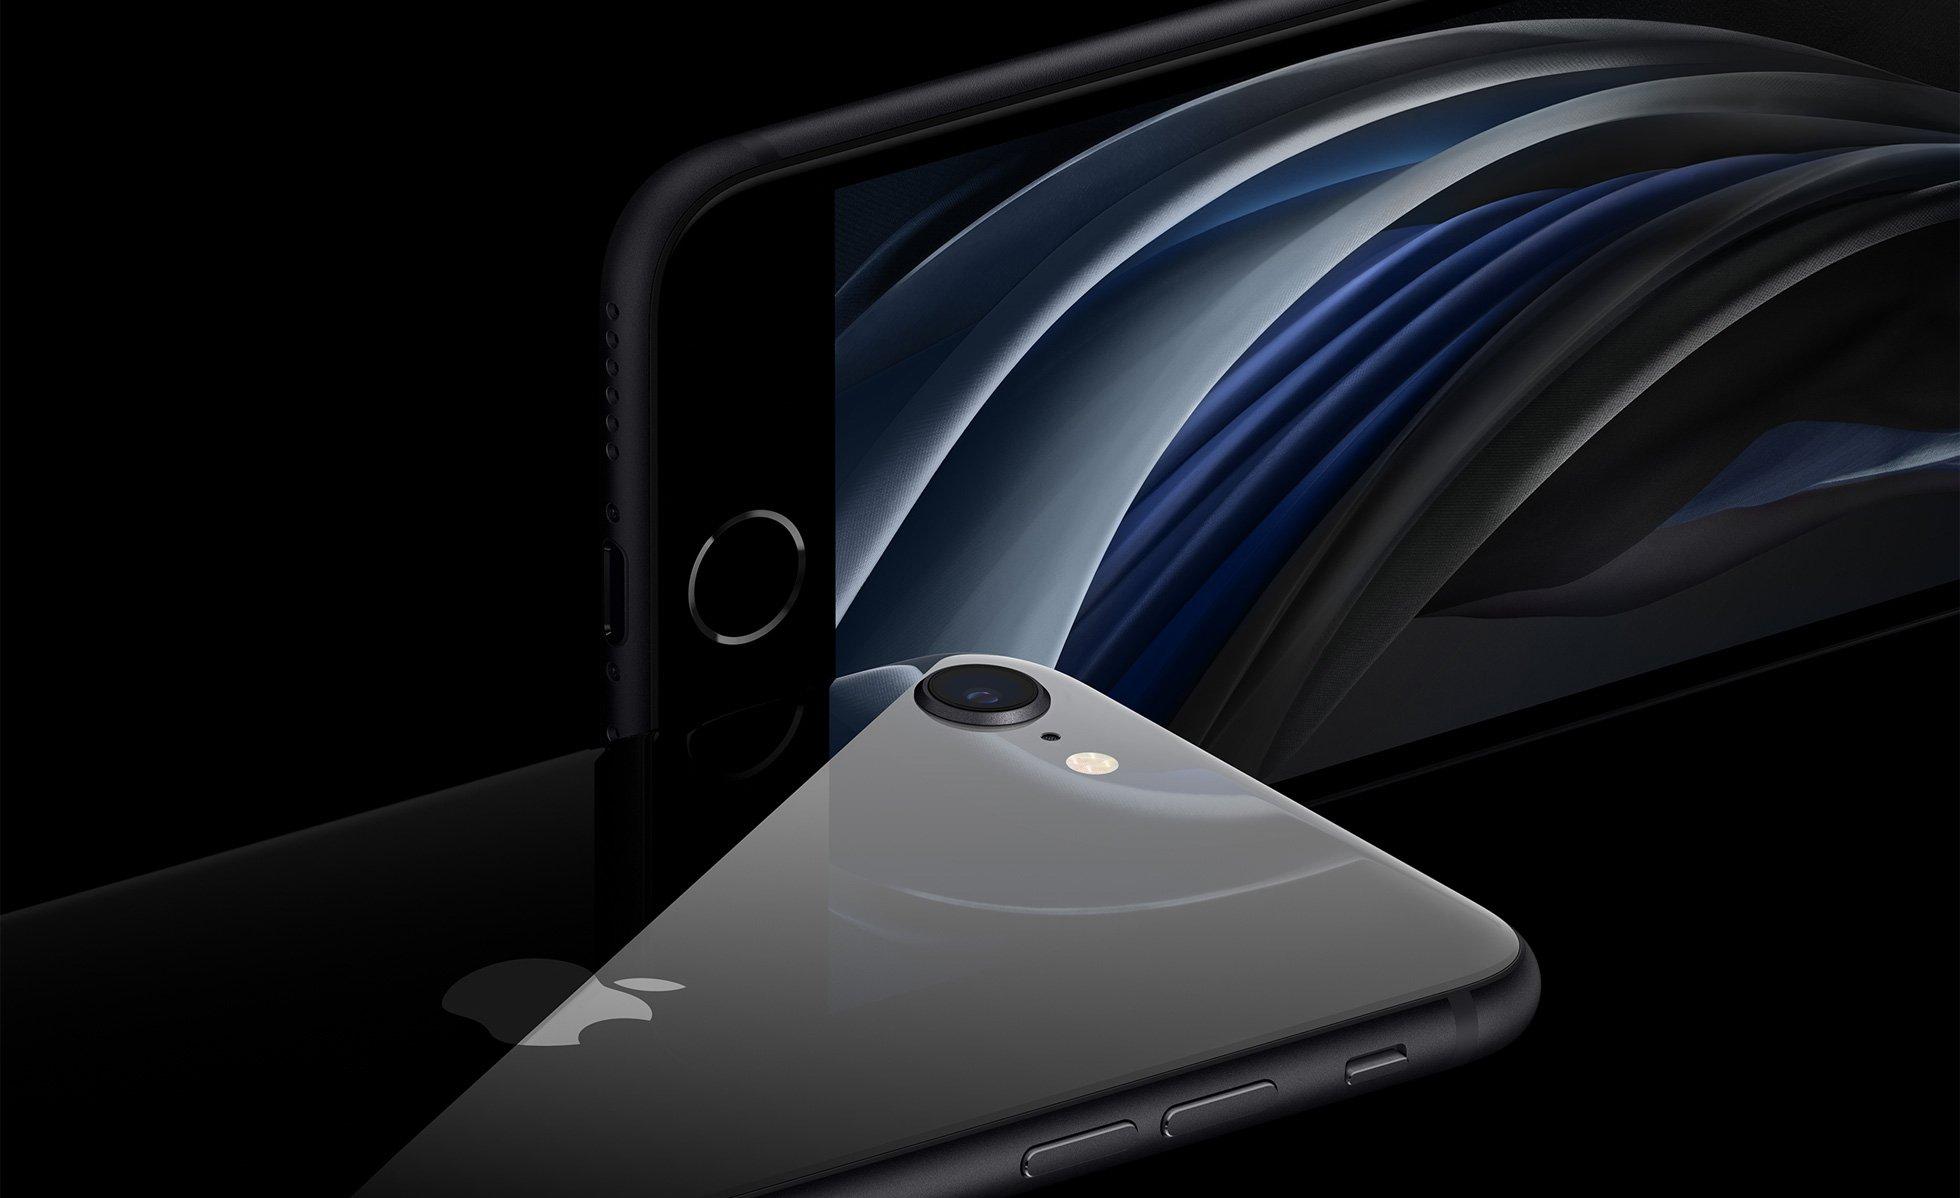 آیفون SE جدید معرفی شد؛ موبایل ۴۰۰ دلاری اپل